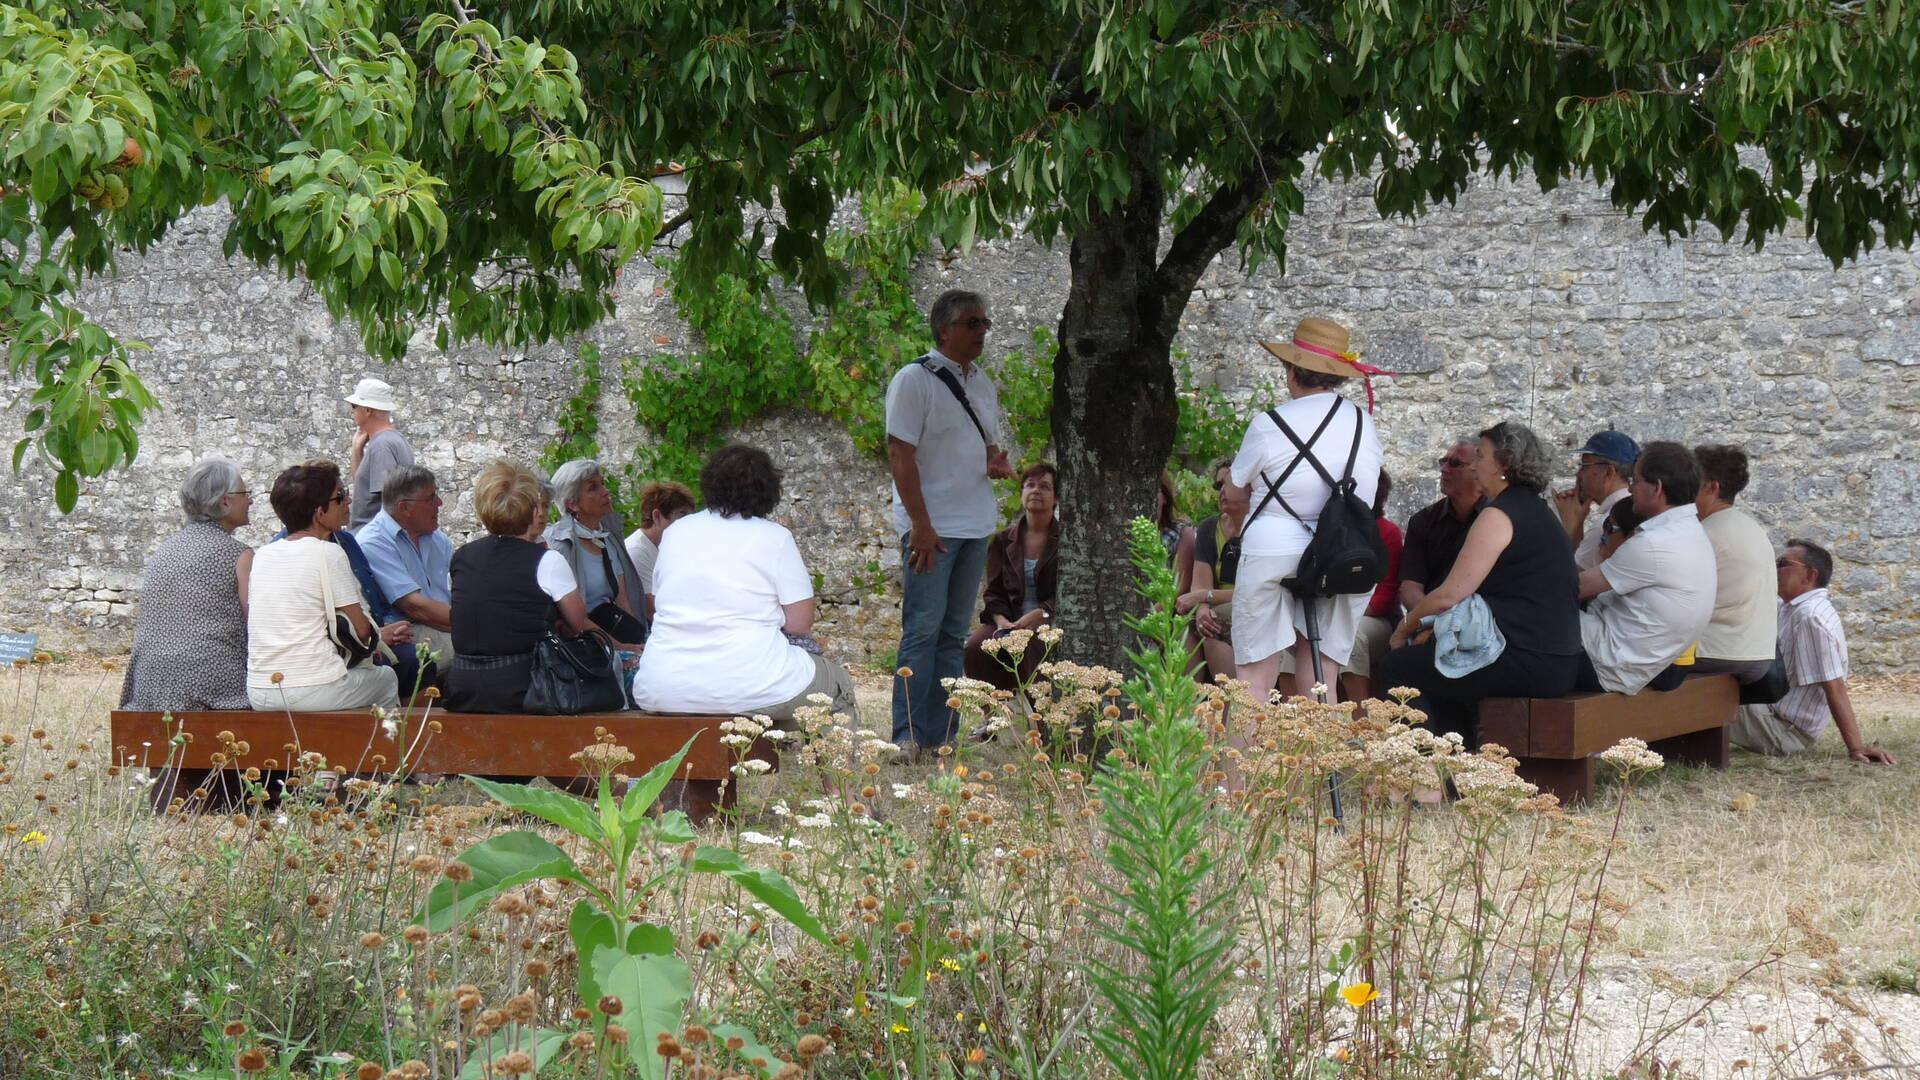 Visite guidée au Potager du Roy à Rochefort - © Office de tourisme Rochefort Océan